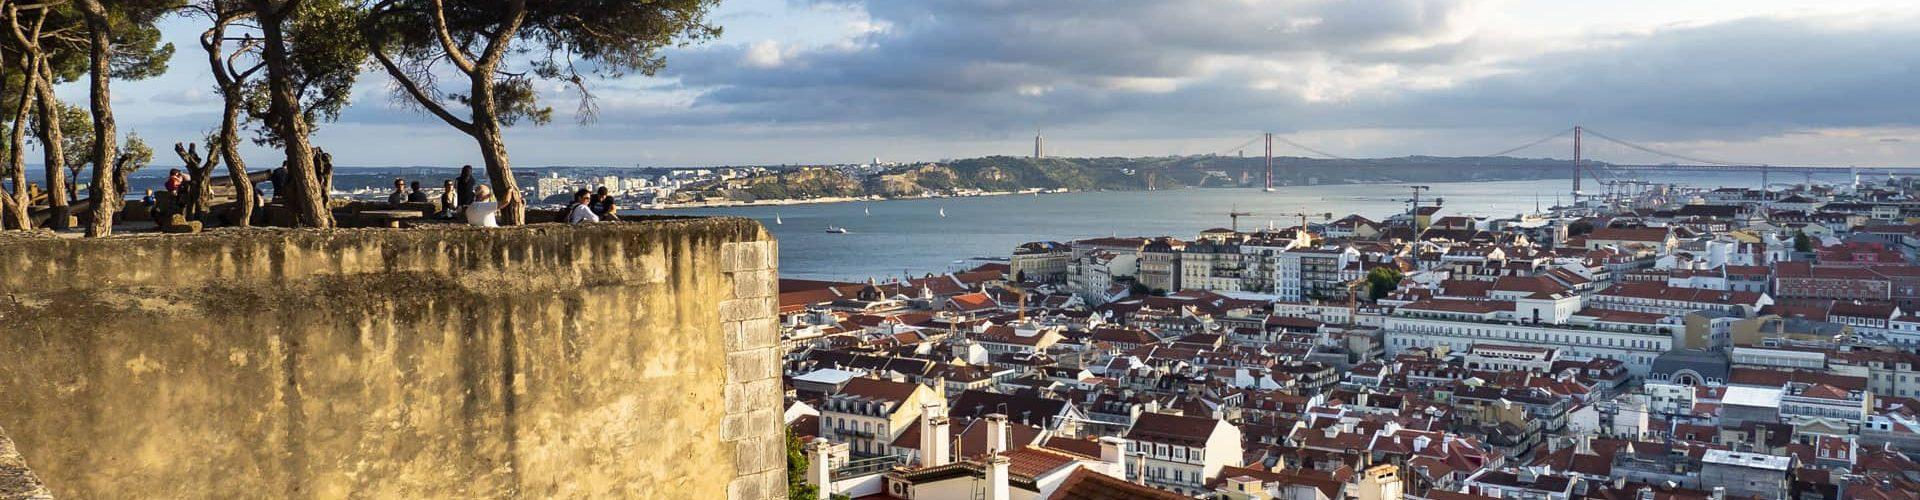 السياحة في البرتغال في الشتاء